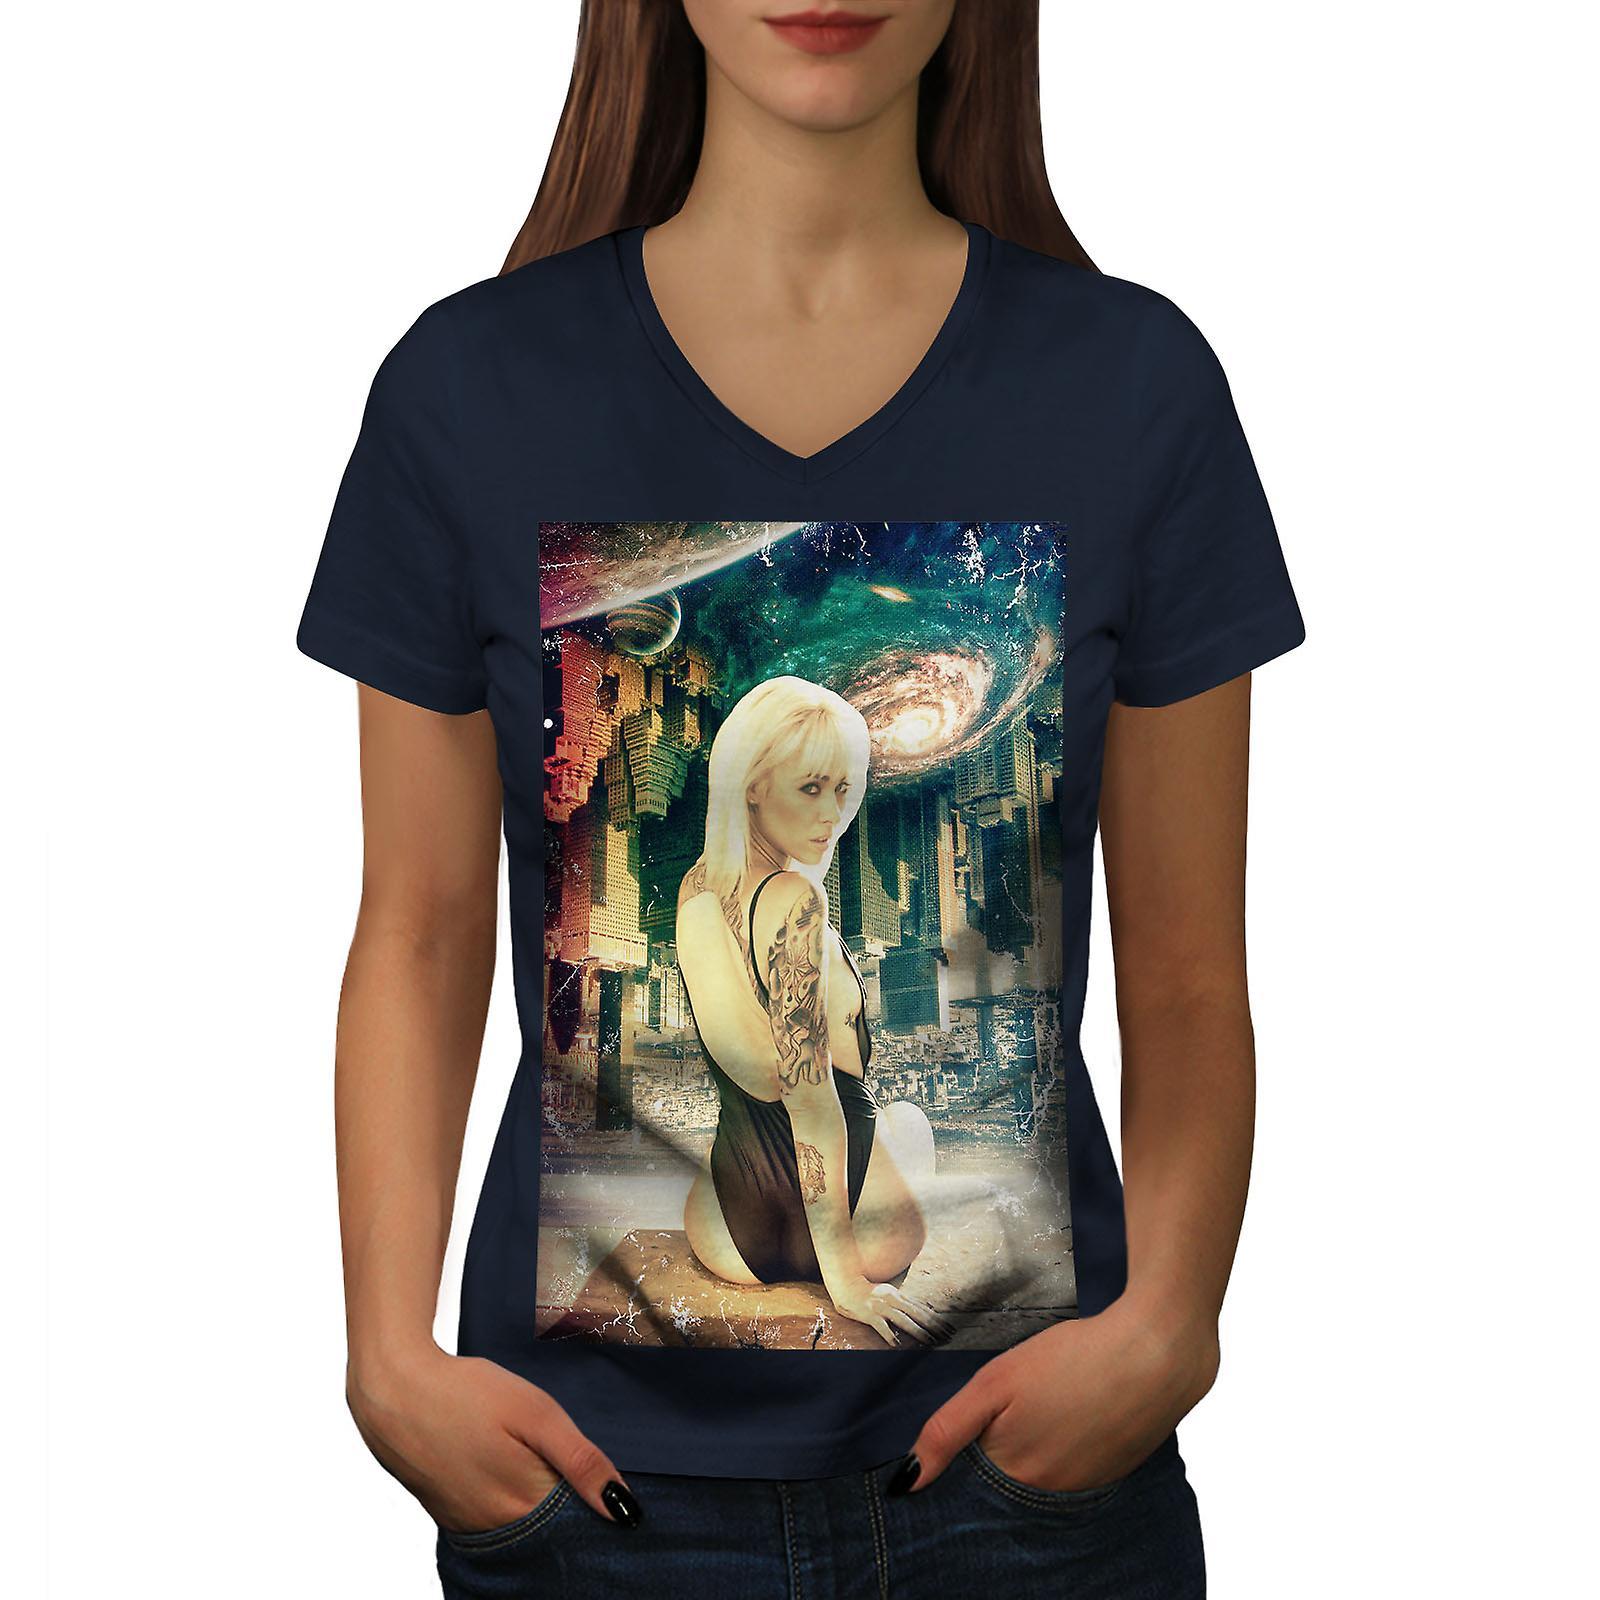 Bikini girl t shirt